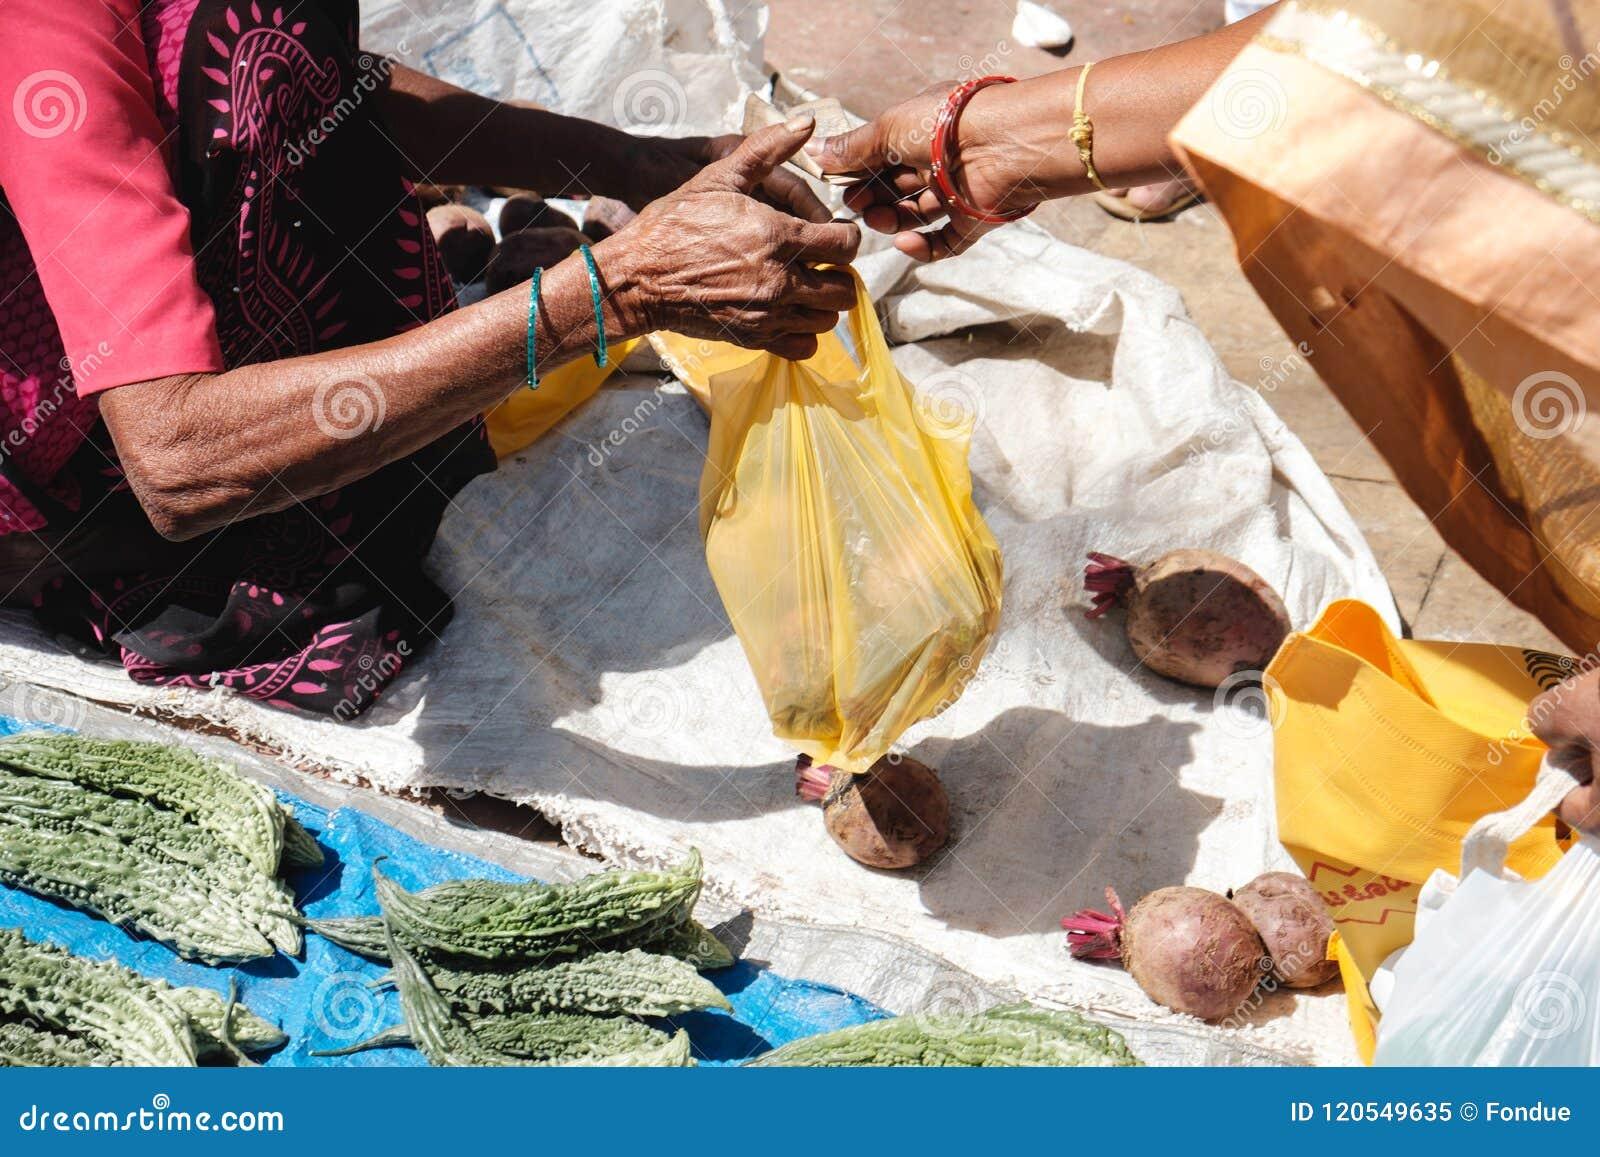 Indien Indische Leute Kaufen Und Verkaufen Obst Und Gemüse Auf Markt